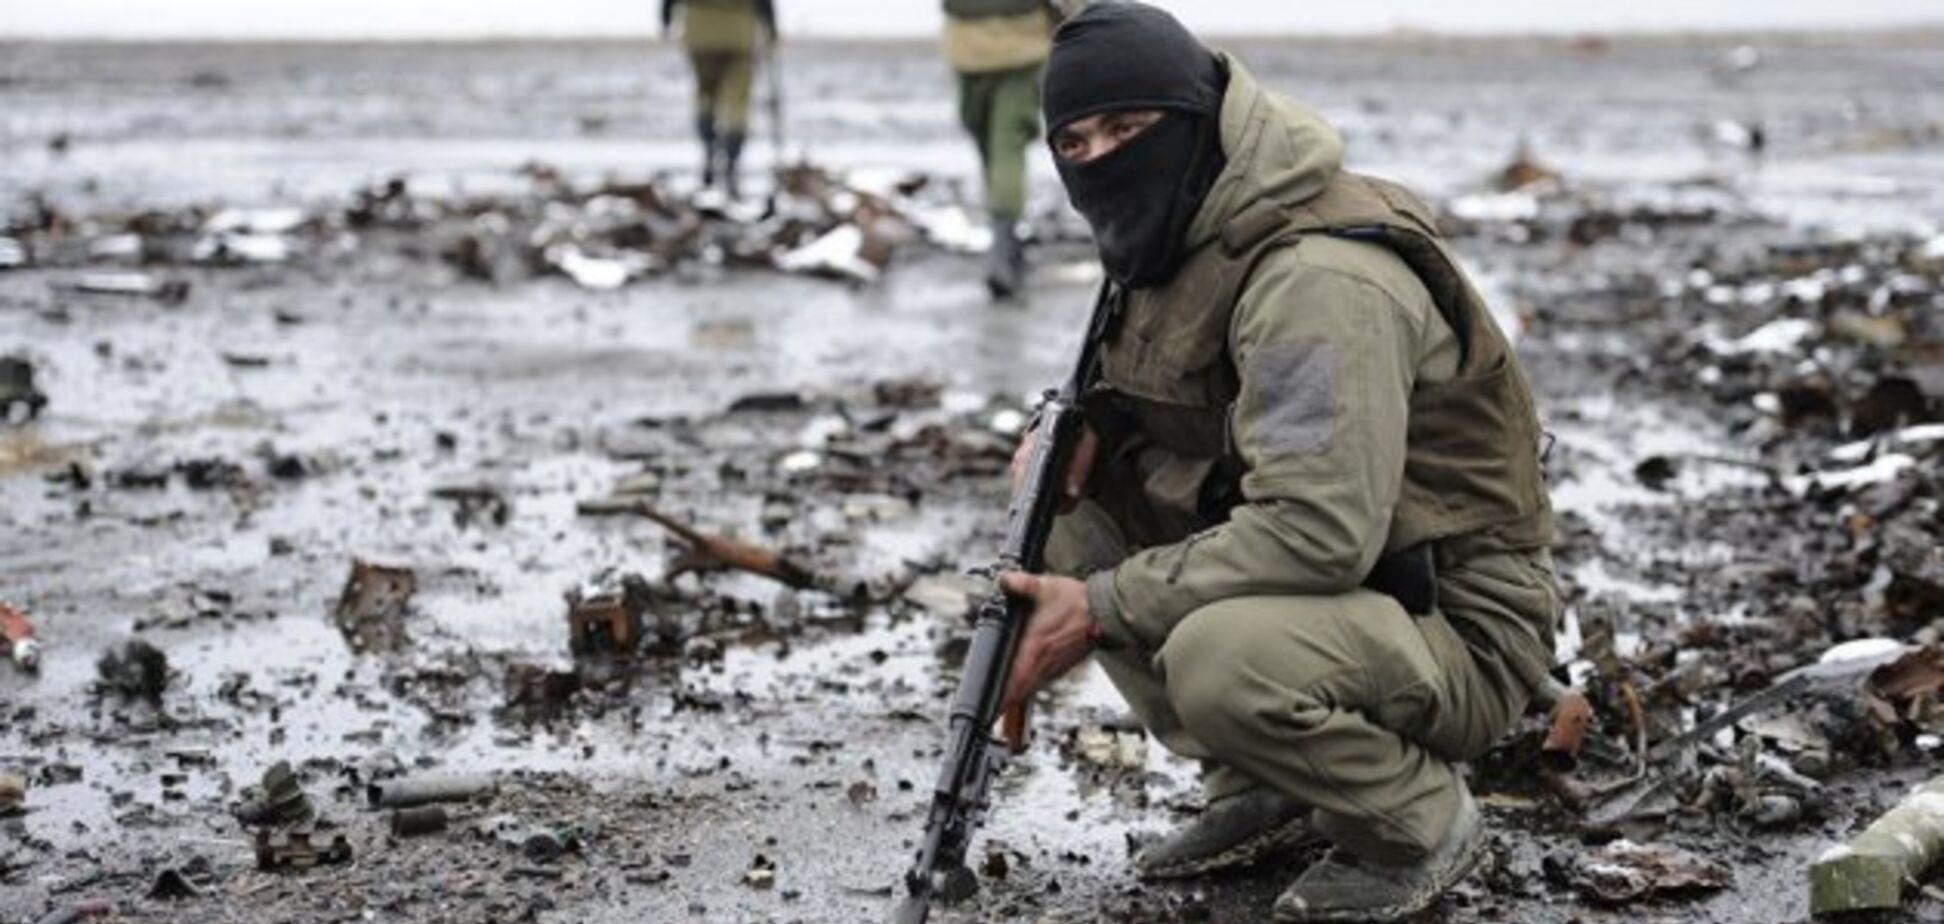 Під час похорону: терористи ''ДНР'' обстріляли людей на кладовищі